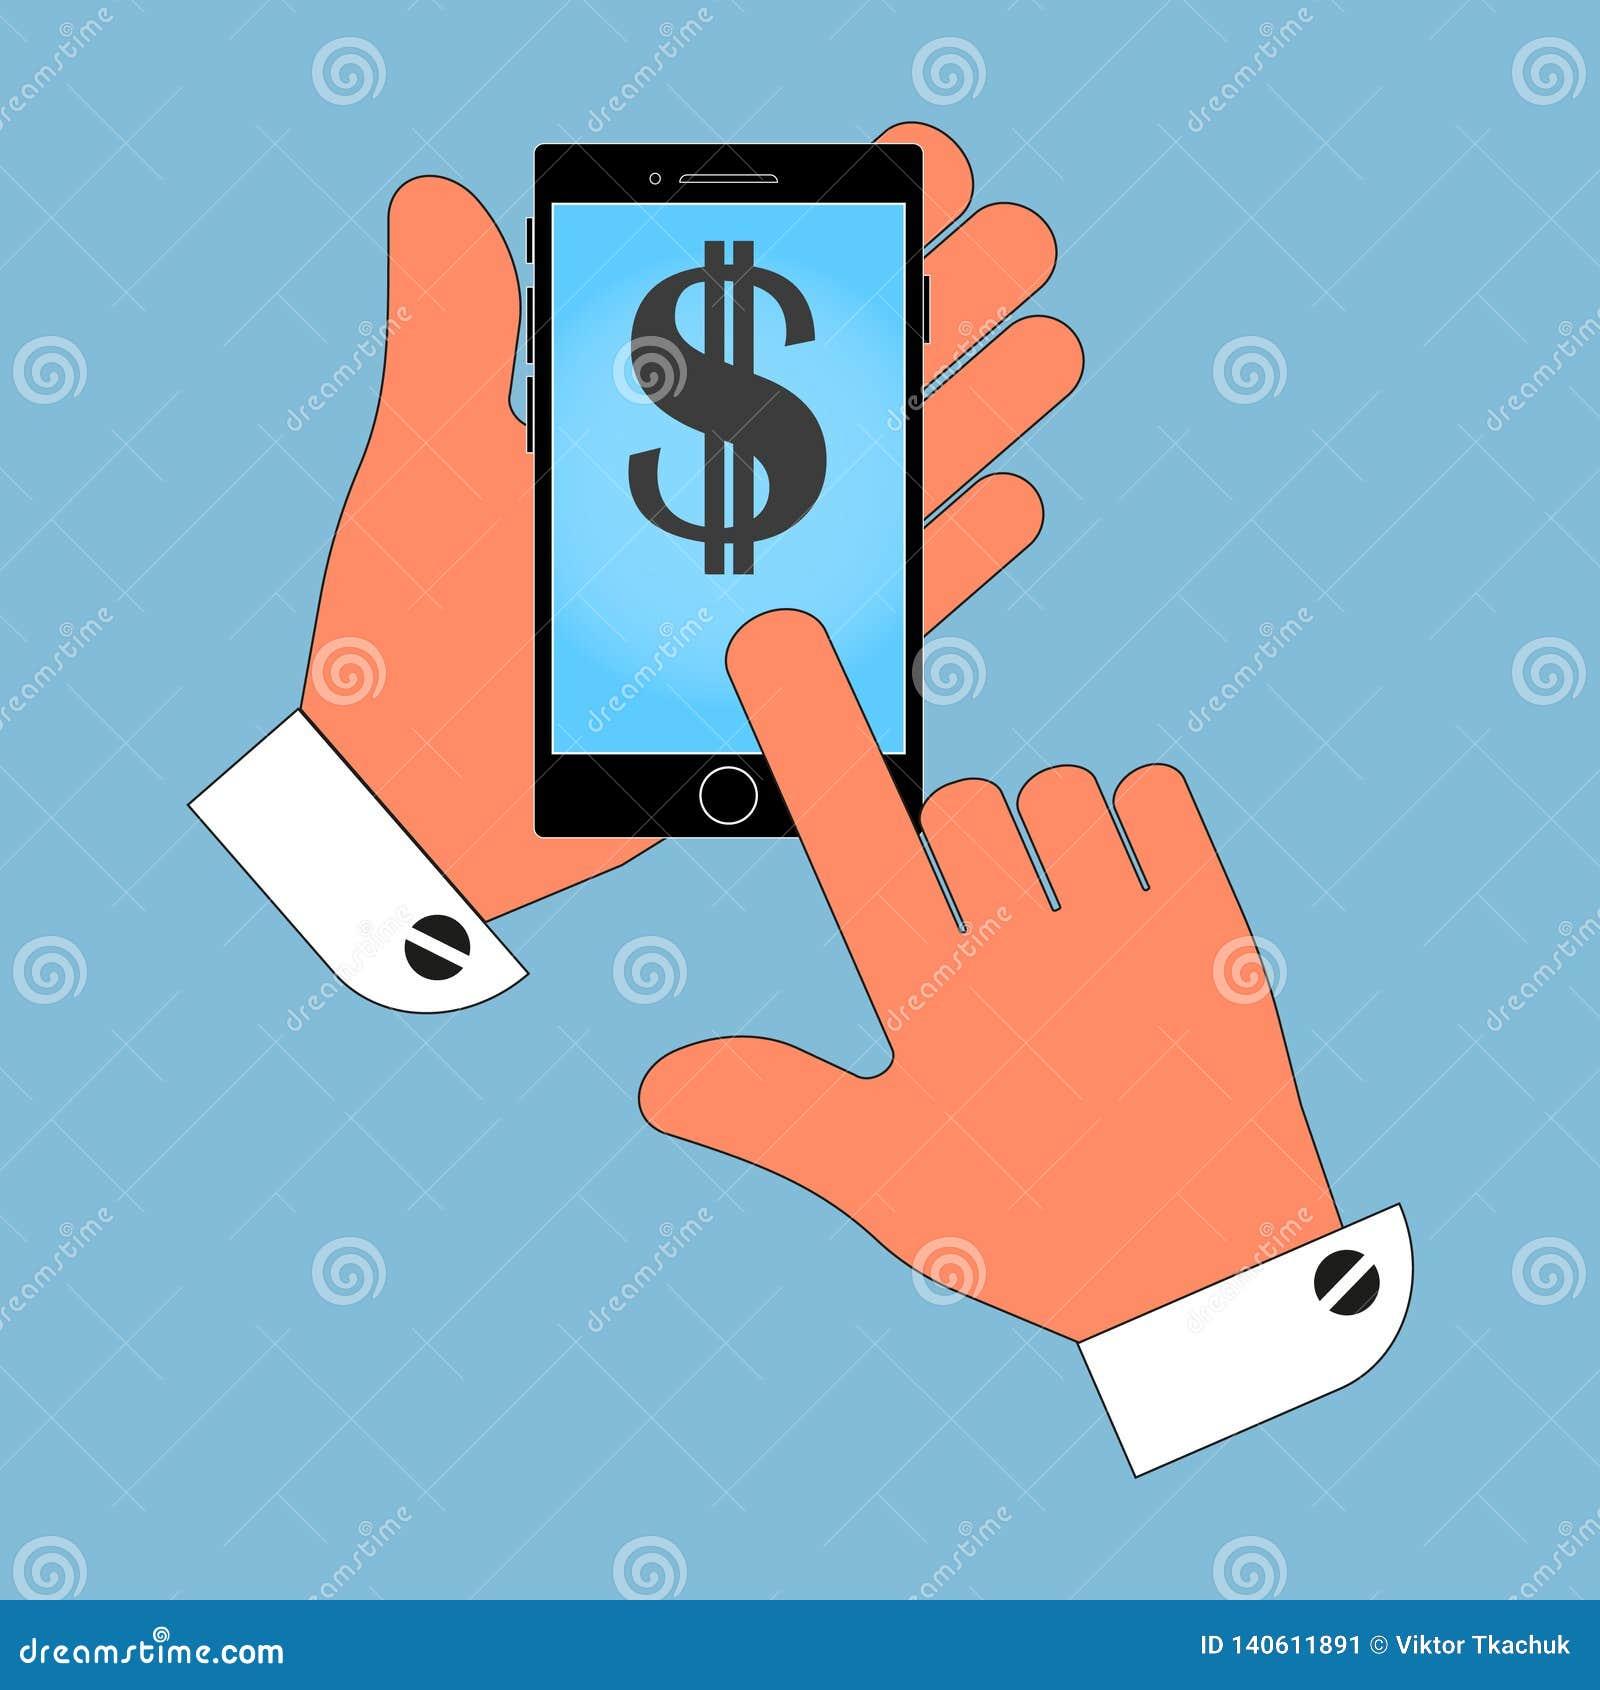 Значок телефона в руке, с символом доллара США на экране, изоляция на голубой предпосылке